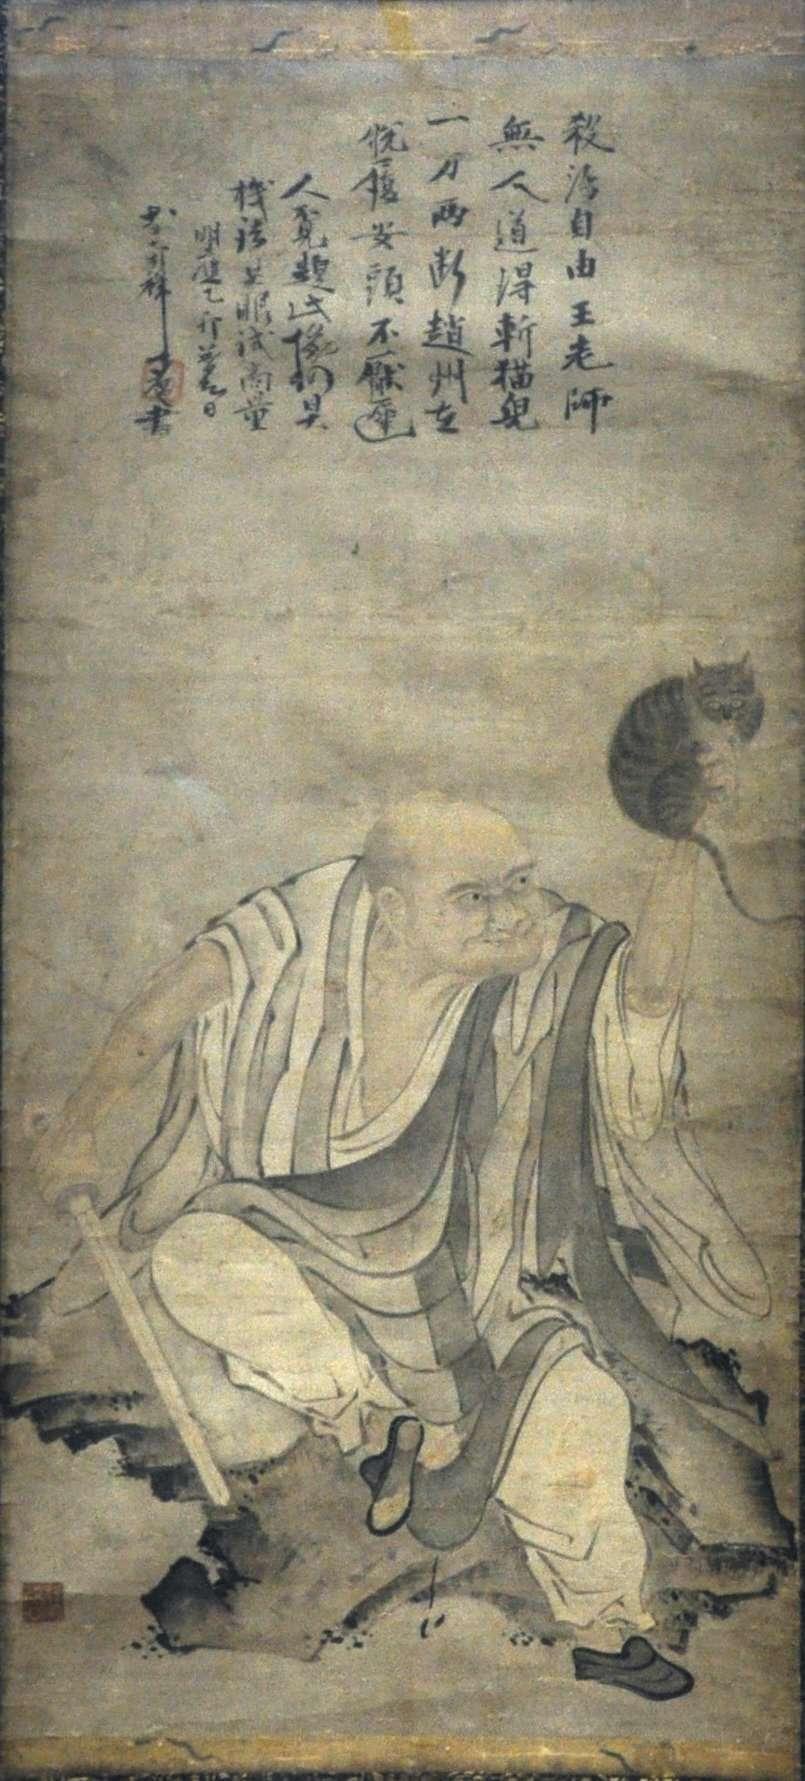 Charlas, preguntas y respuestas de Zhaozhou [Jōshū] · Parte 1